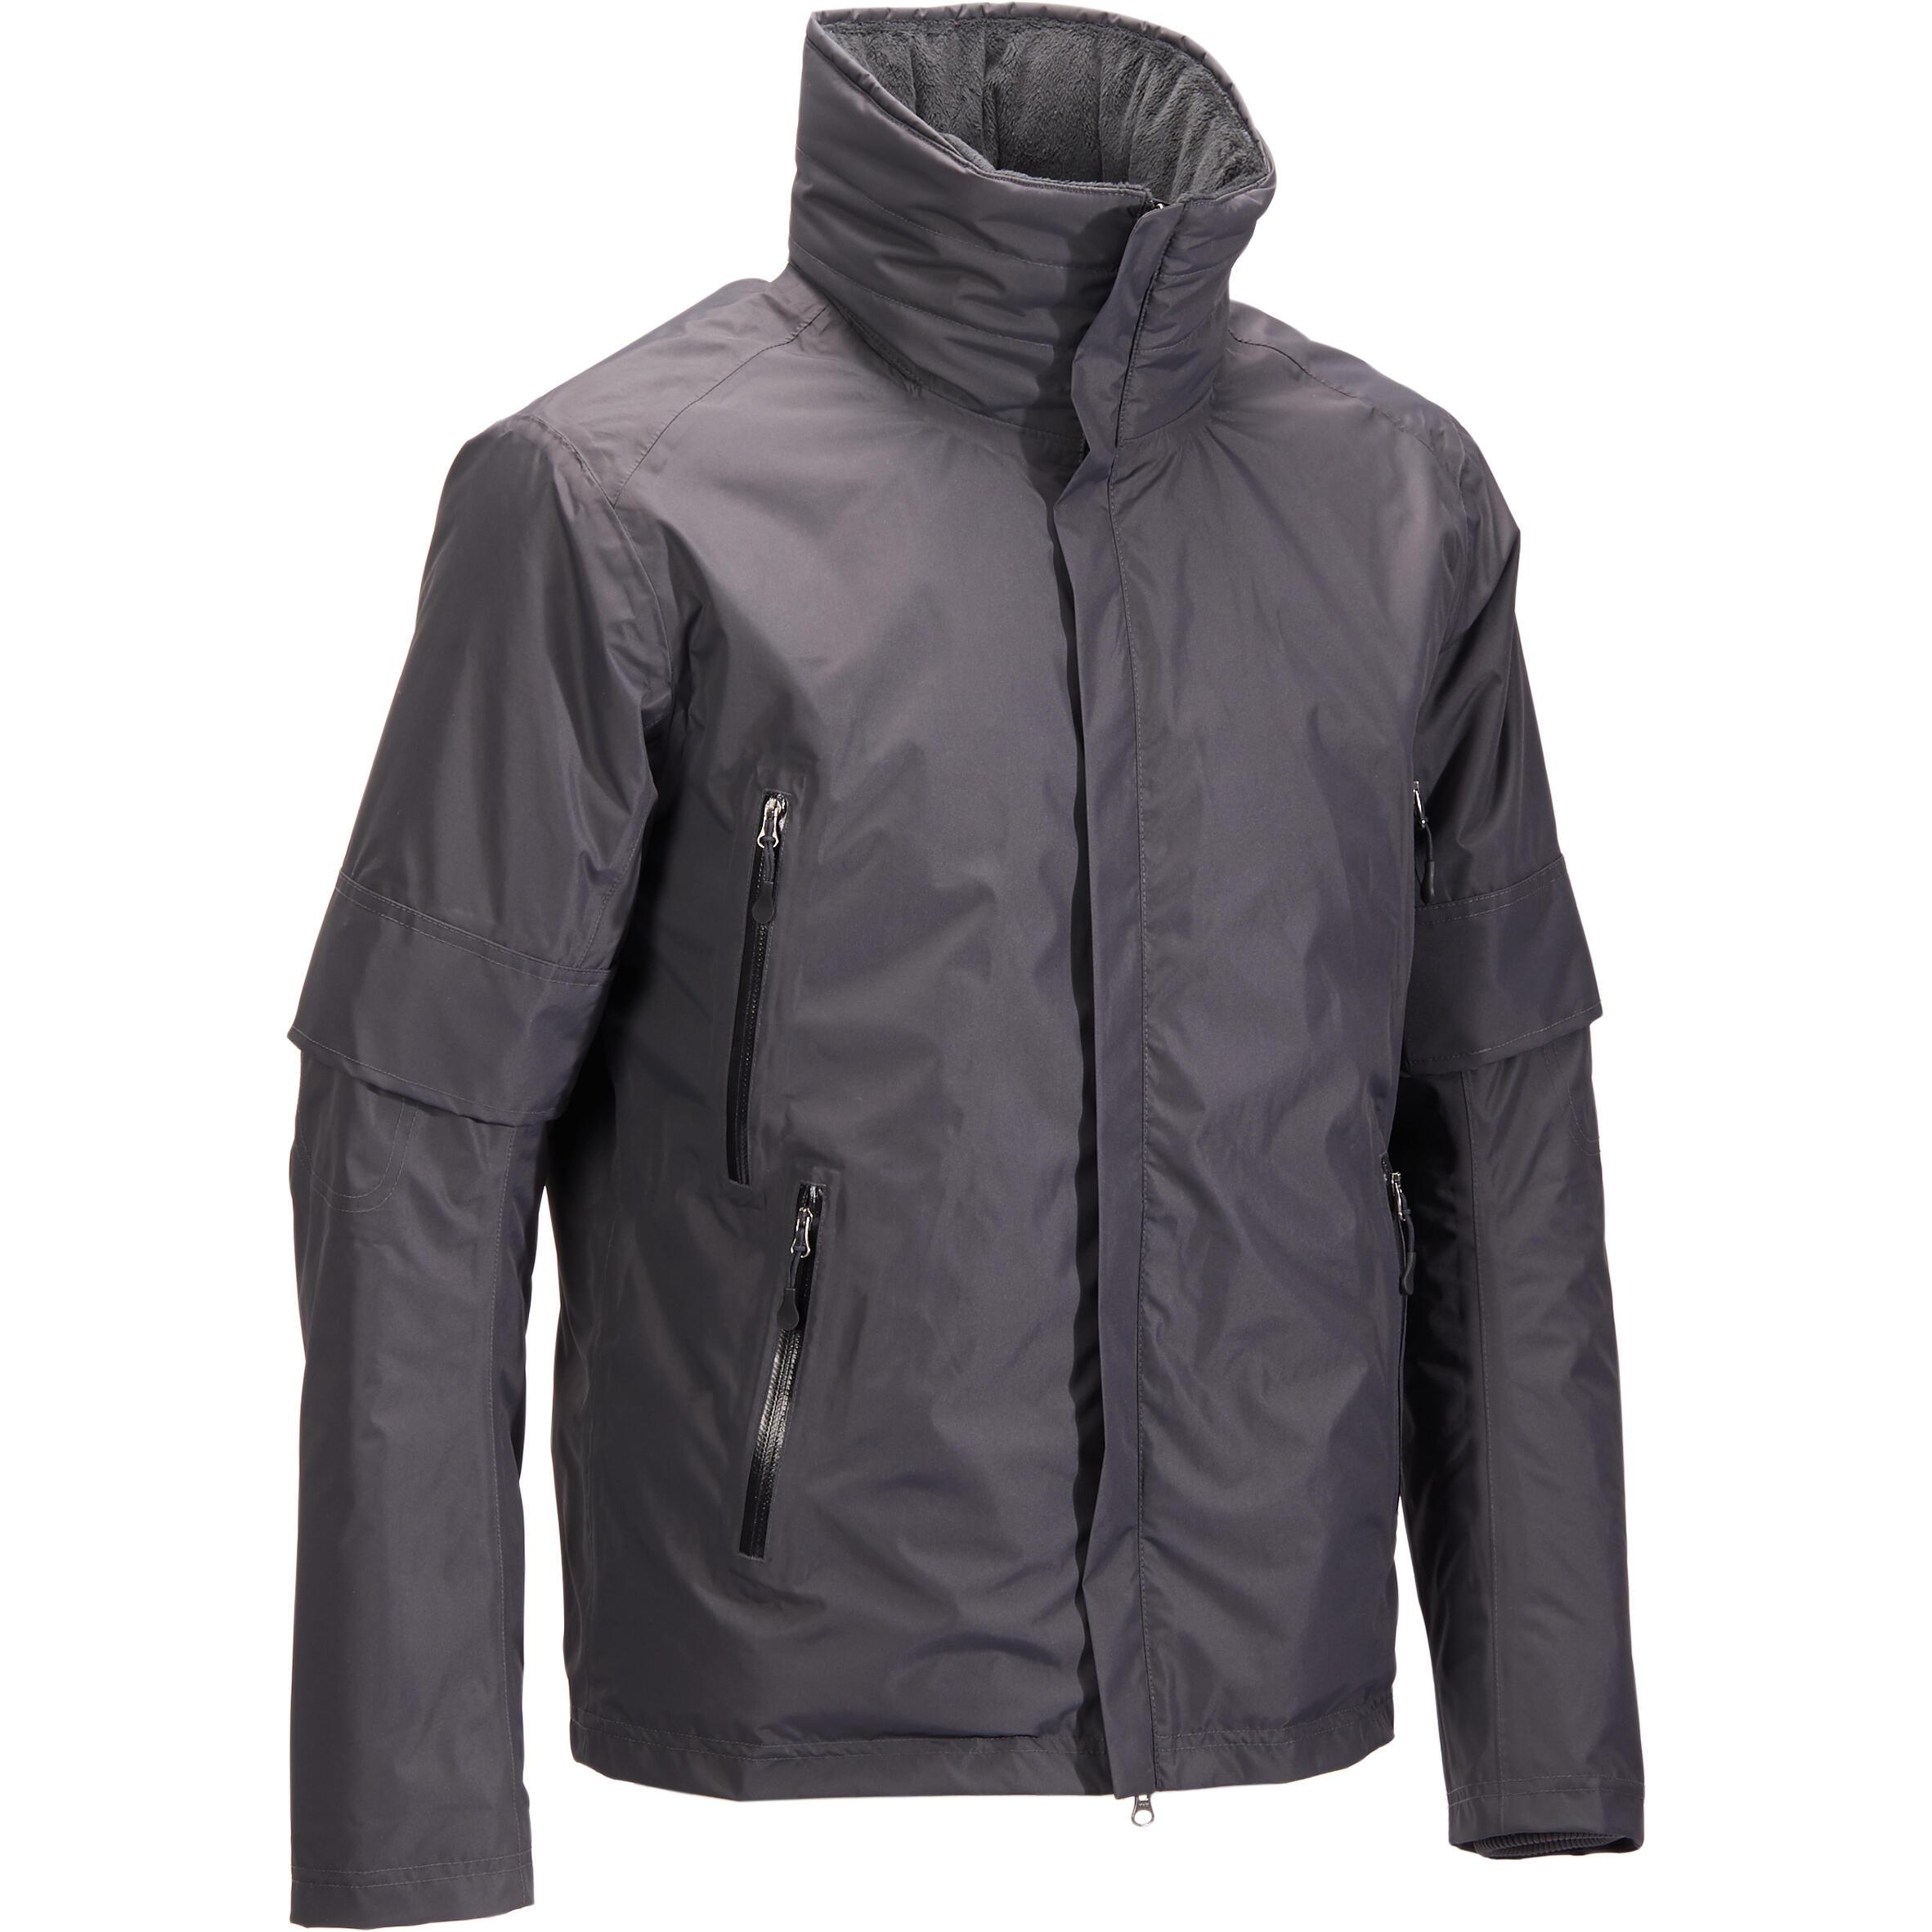 Jachetă echitație WARM 500